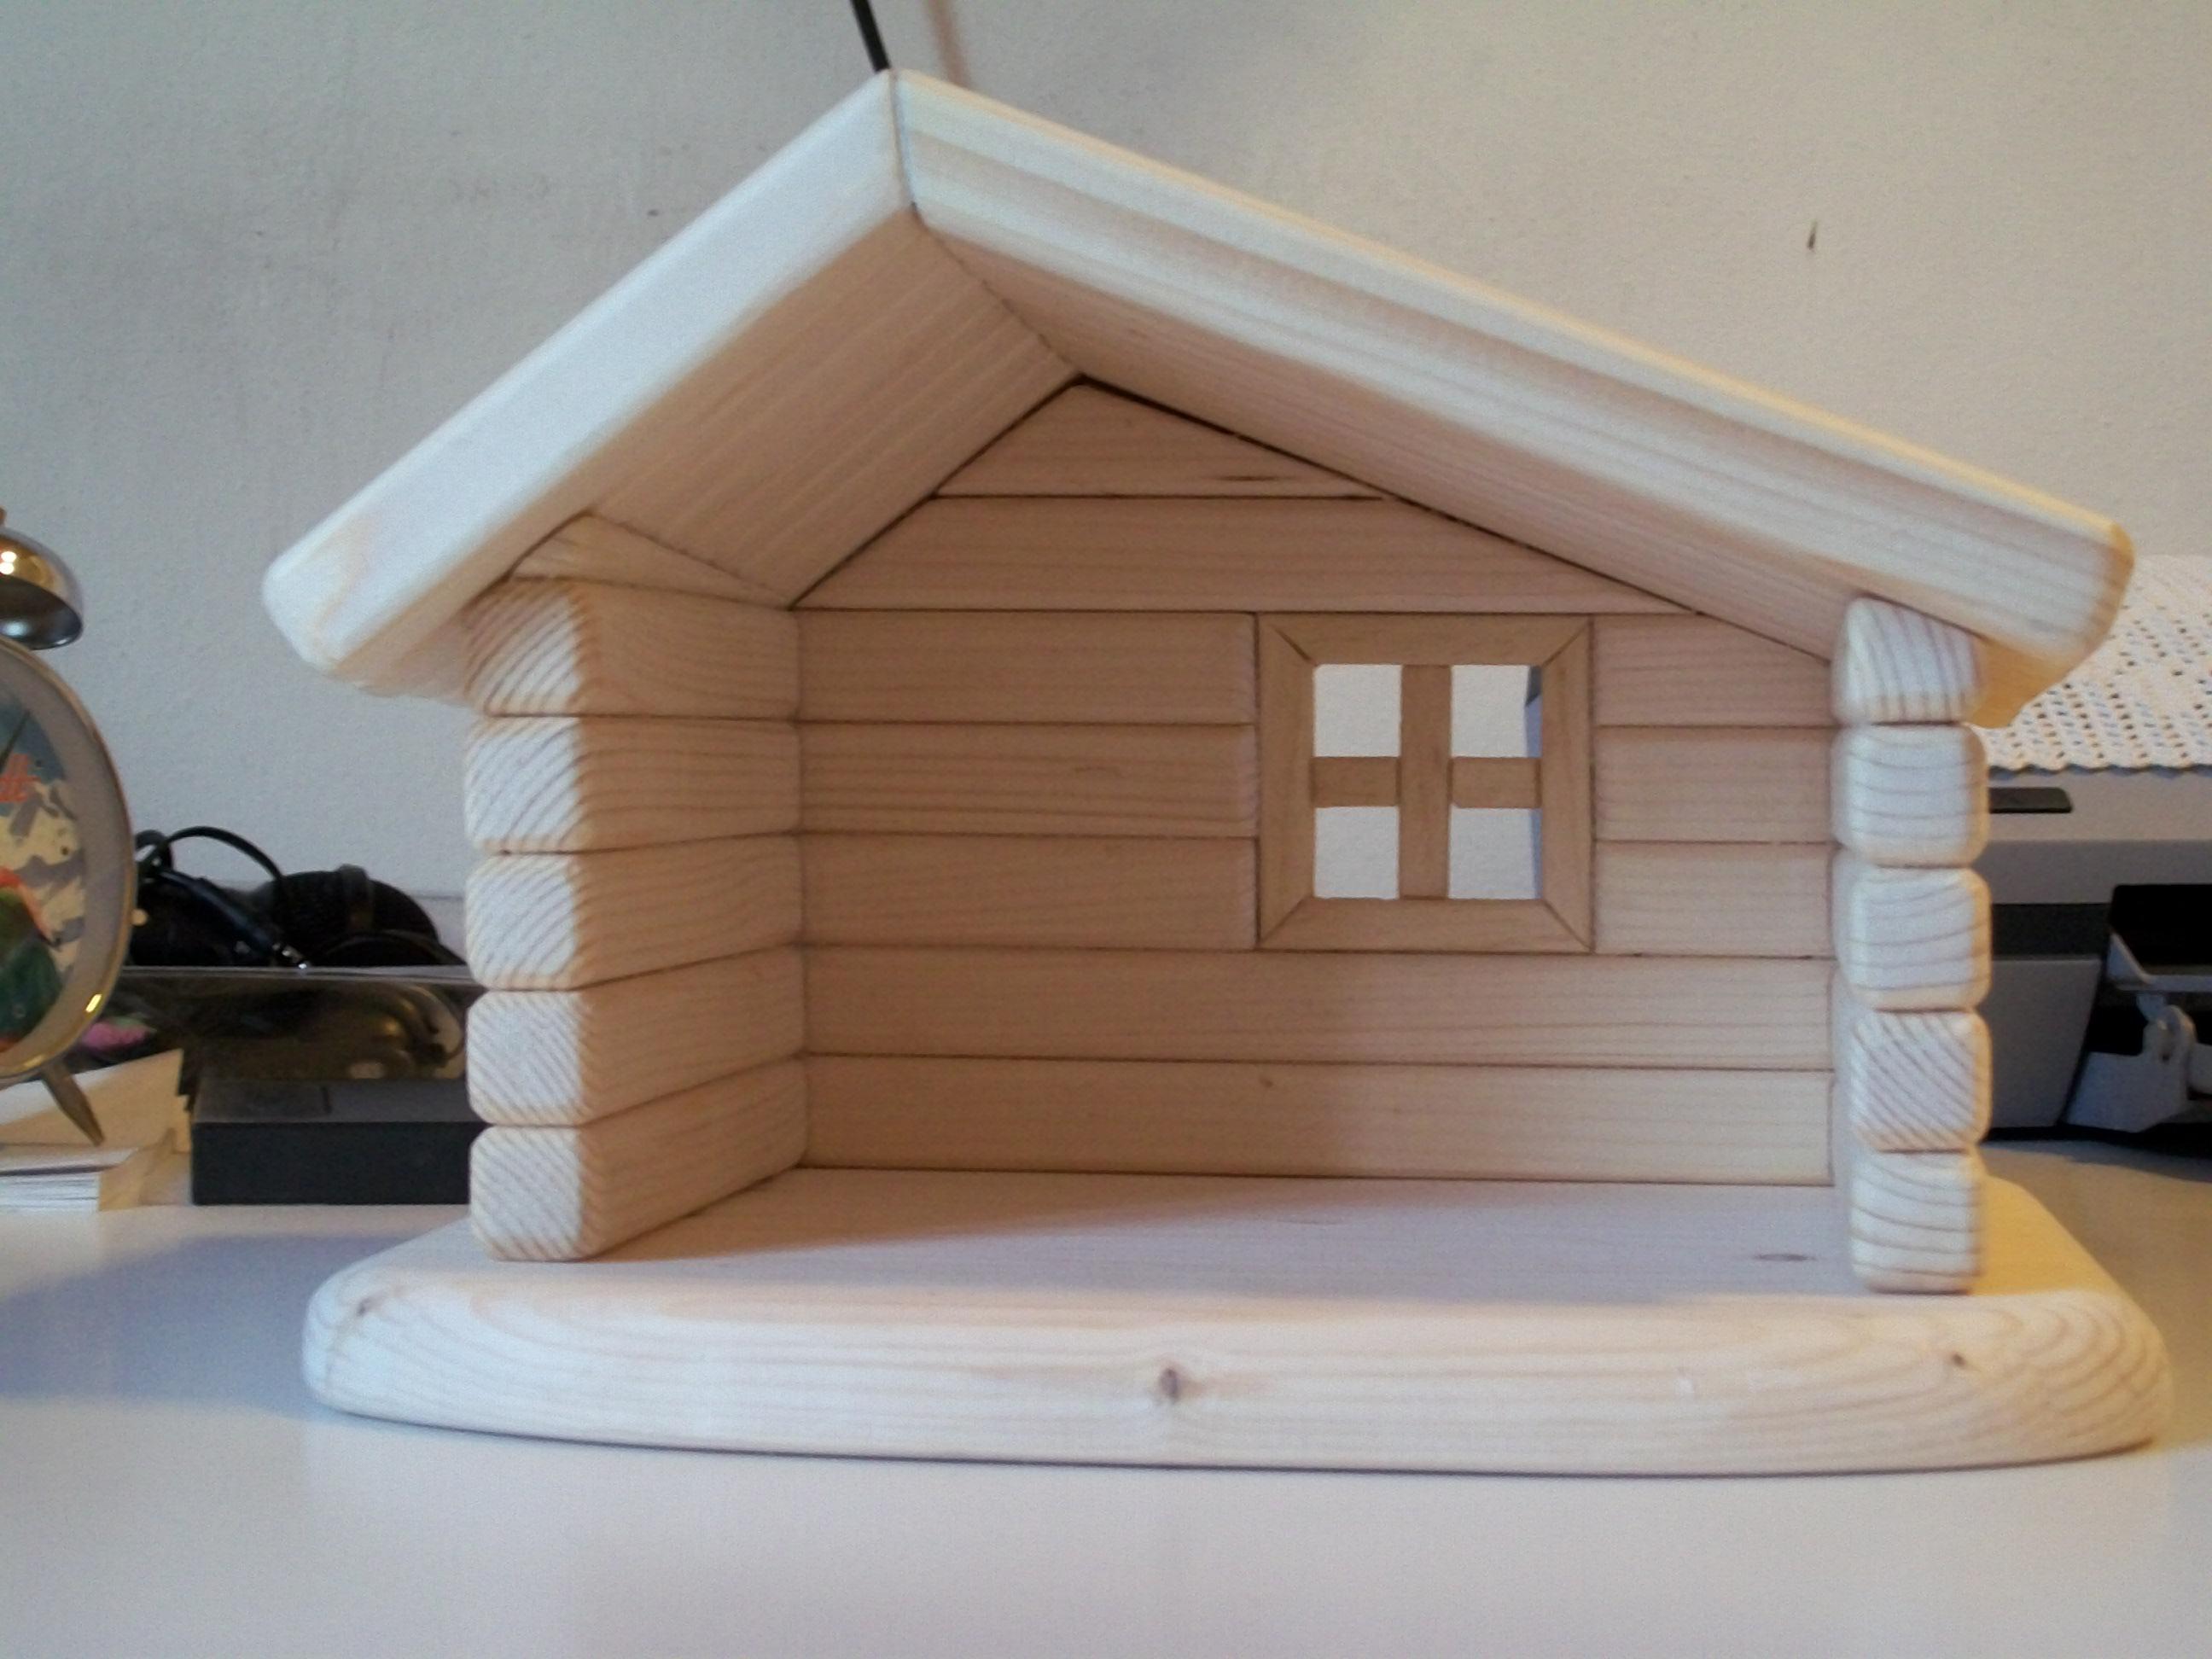 Oggetti in legno fai da te by silvano capanna tipo for Soprammobili fai da te